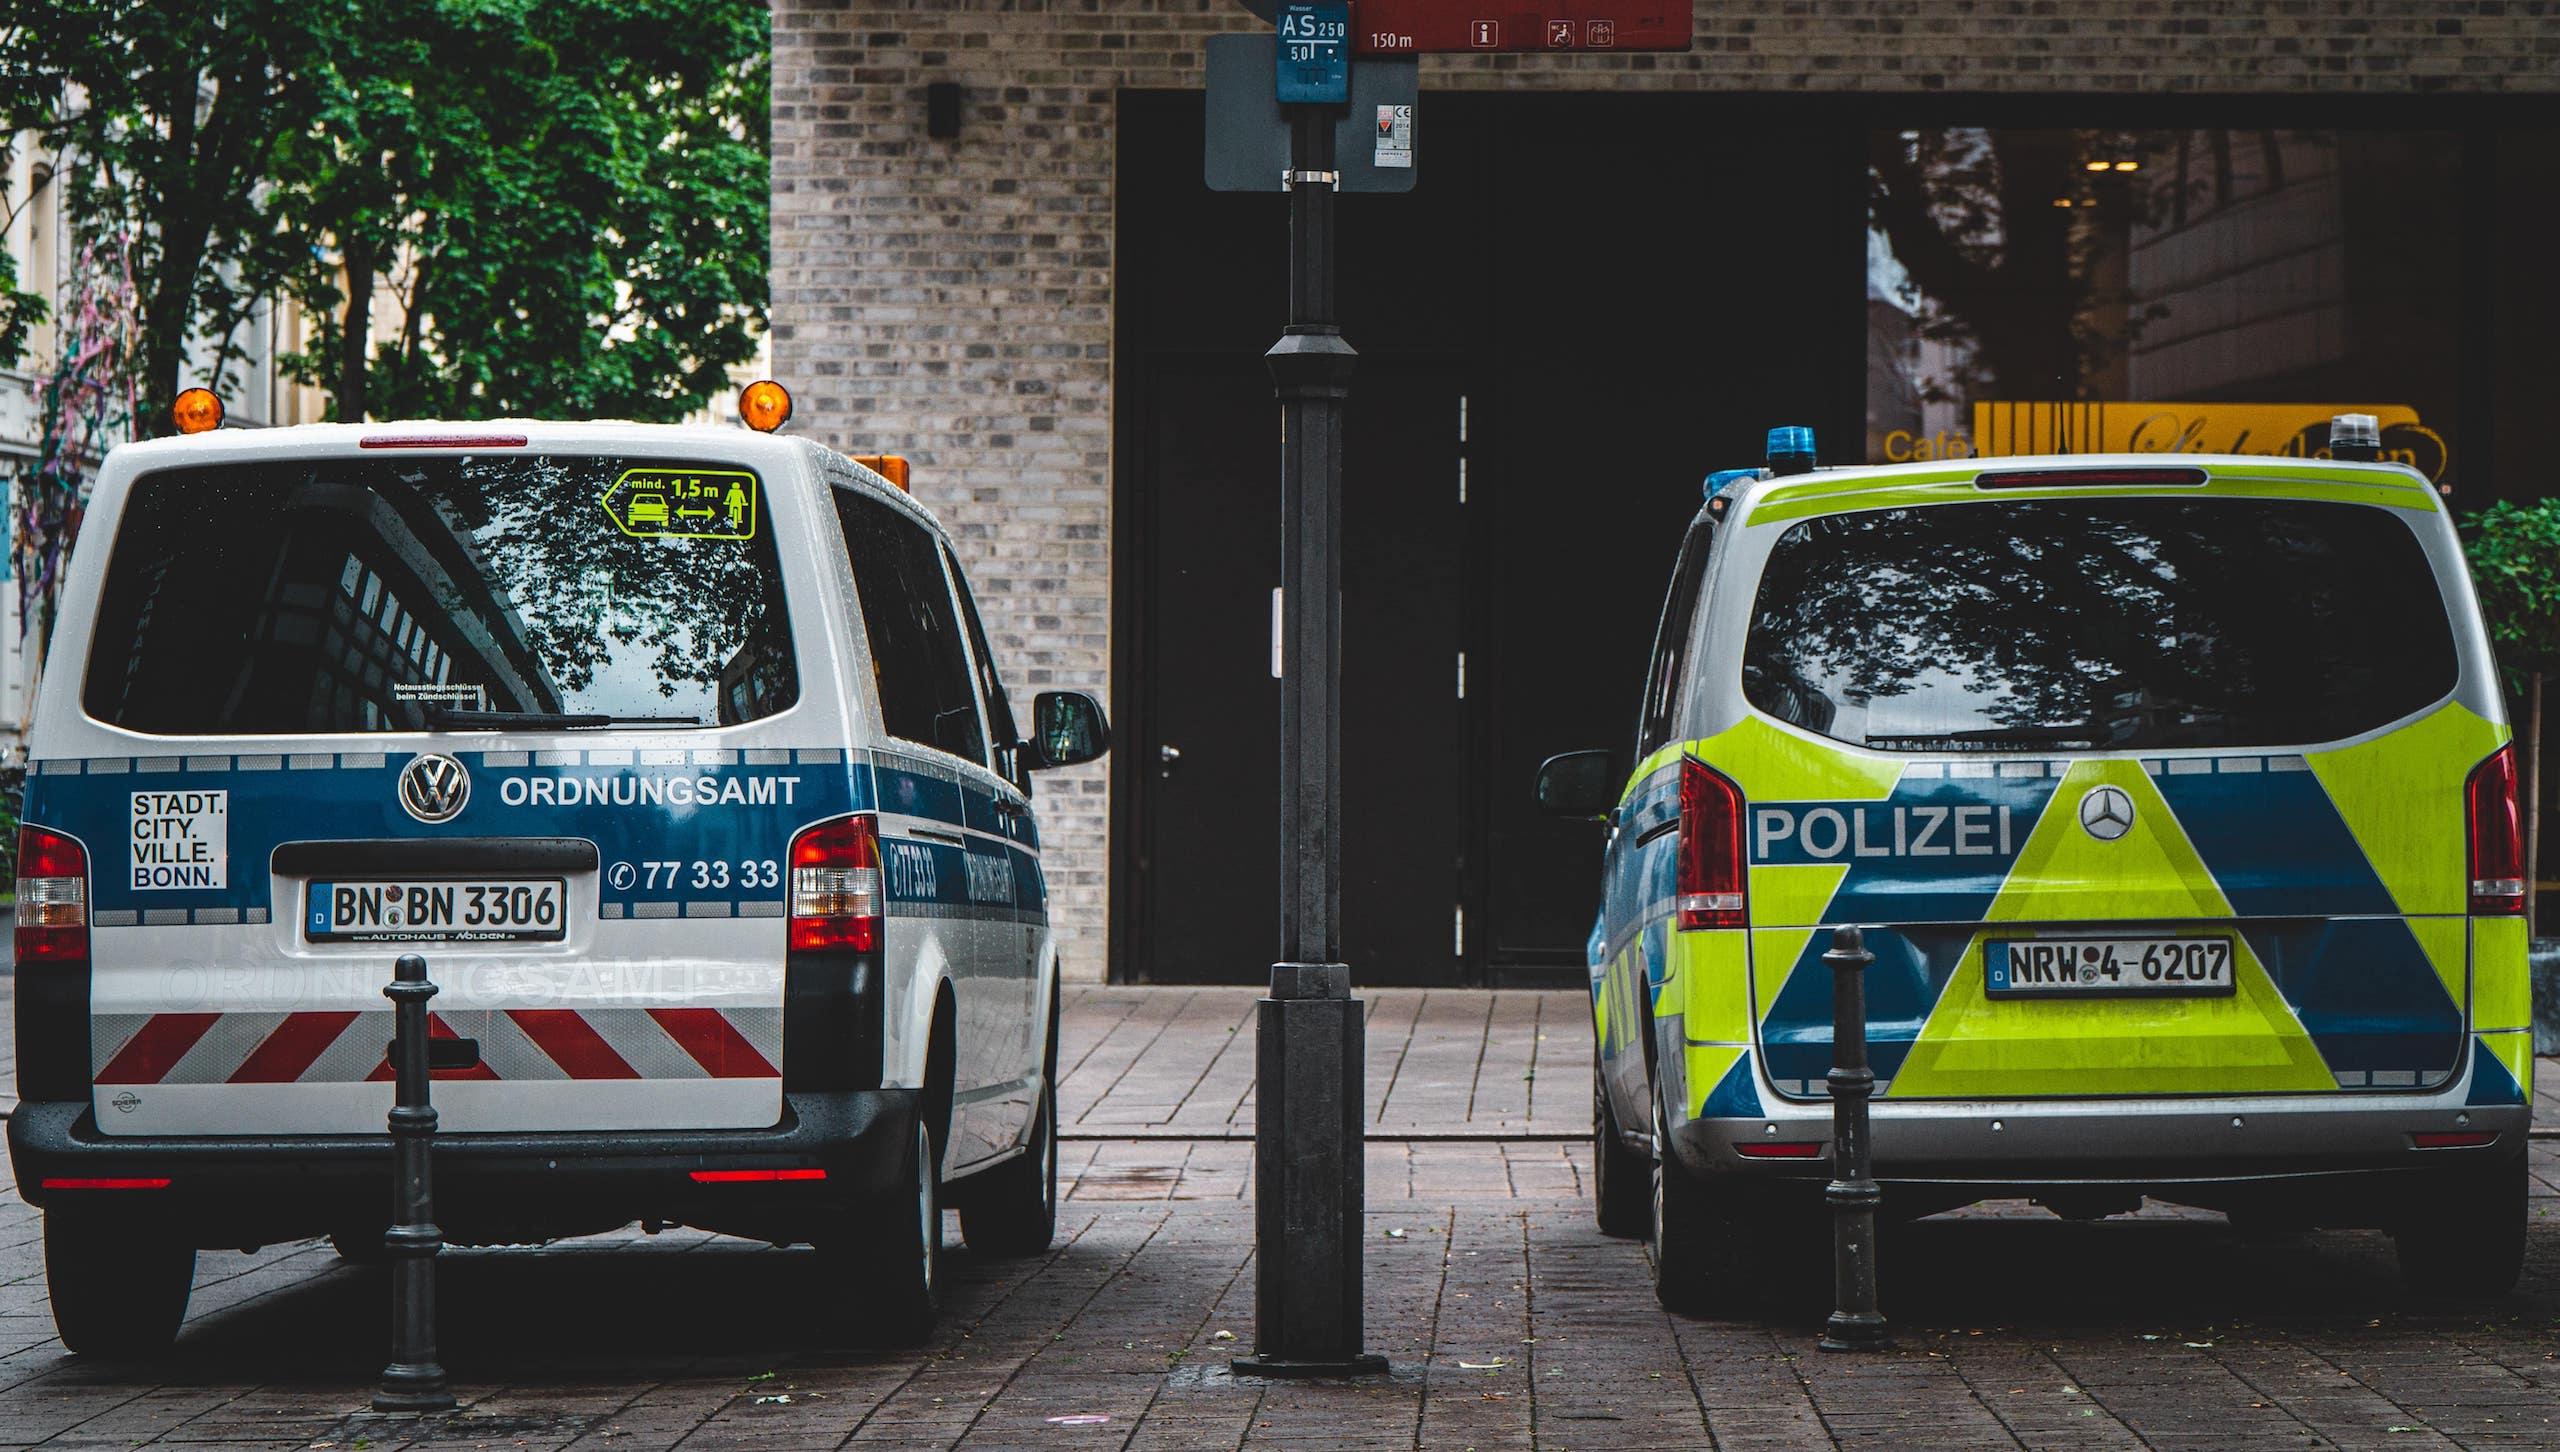 polizei-ordnungsamt